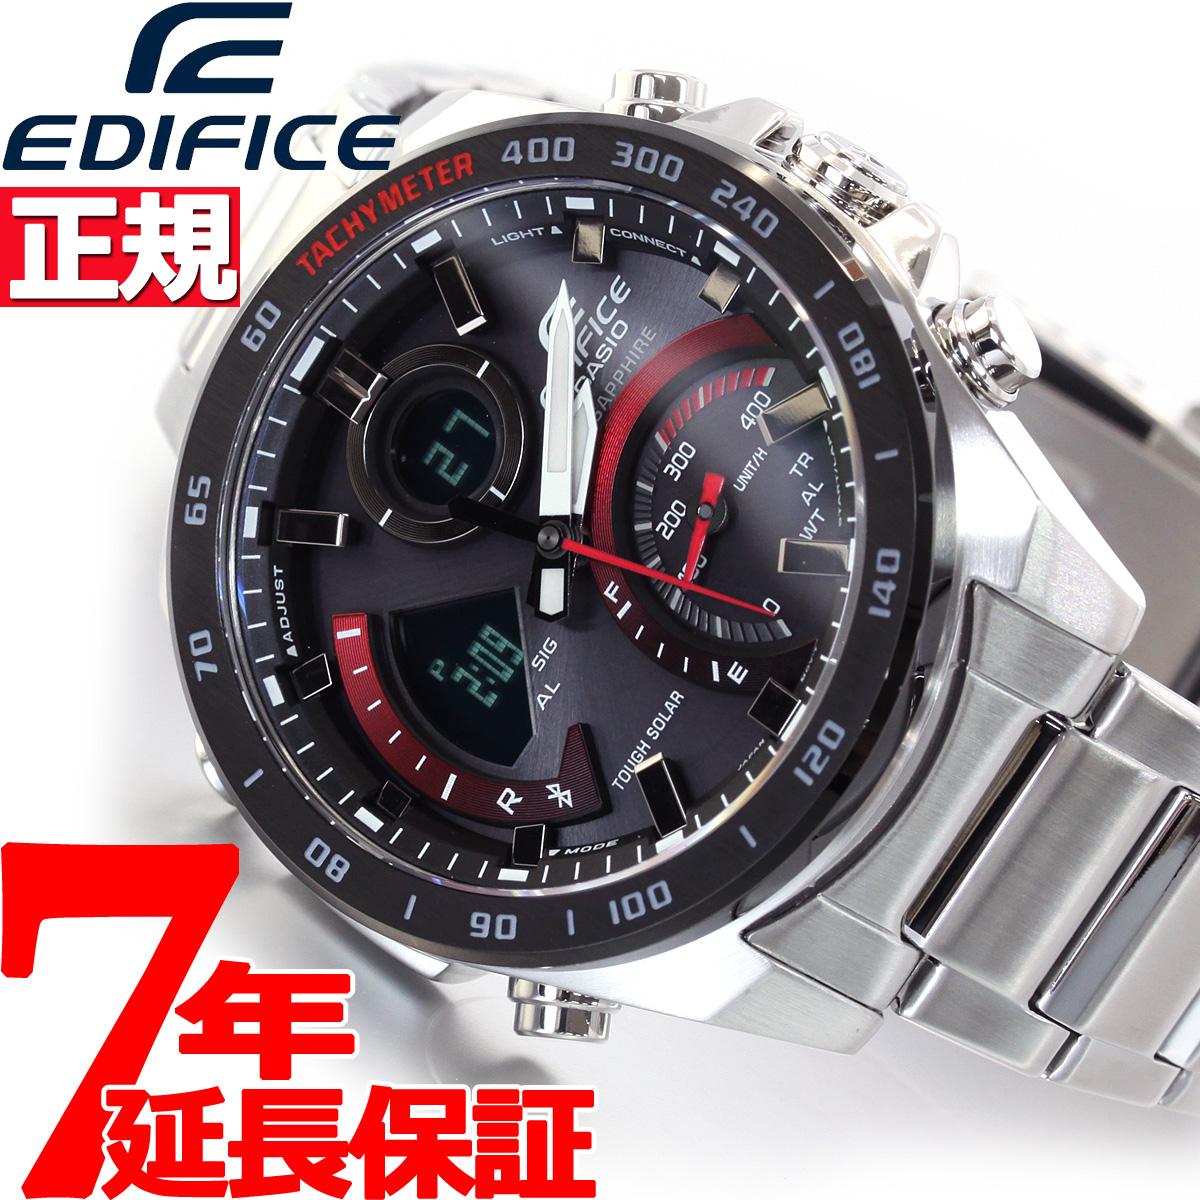 【5日0時~♪2000円OFFクーポン&店内ポイント最大51倍!5日23時59分まで】カシオ エディフィス CASIO EDIFICE ソーラー 腕時計 メンズ ECB-900YDB-1AJF